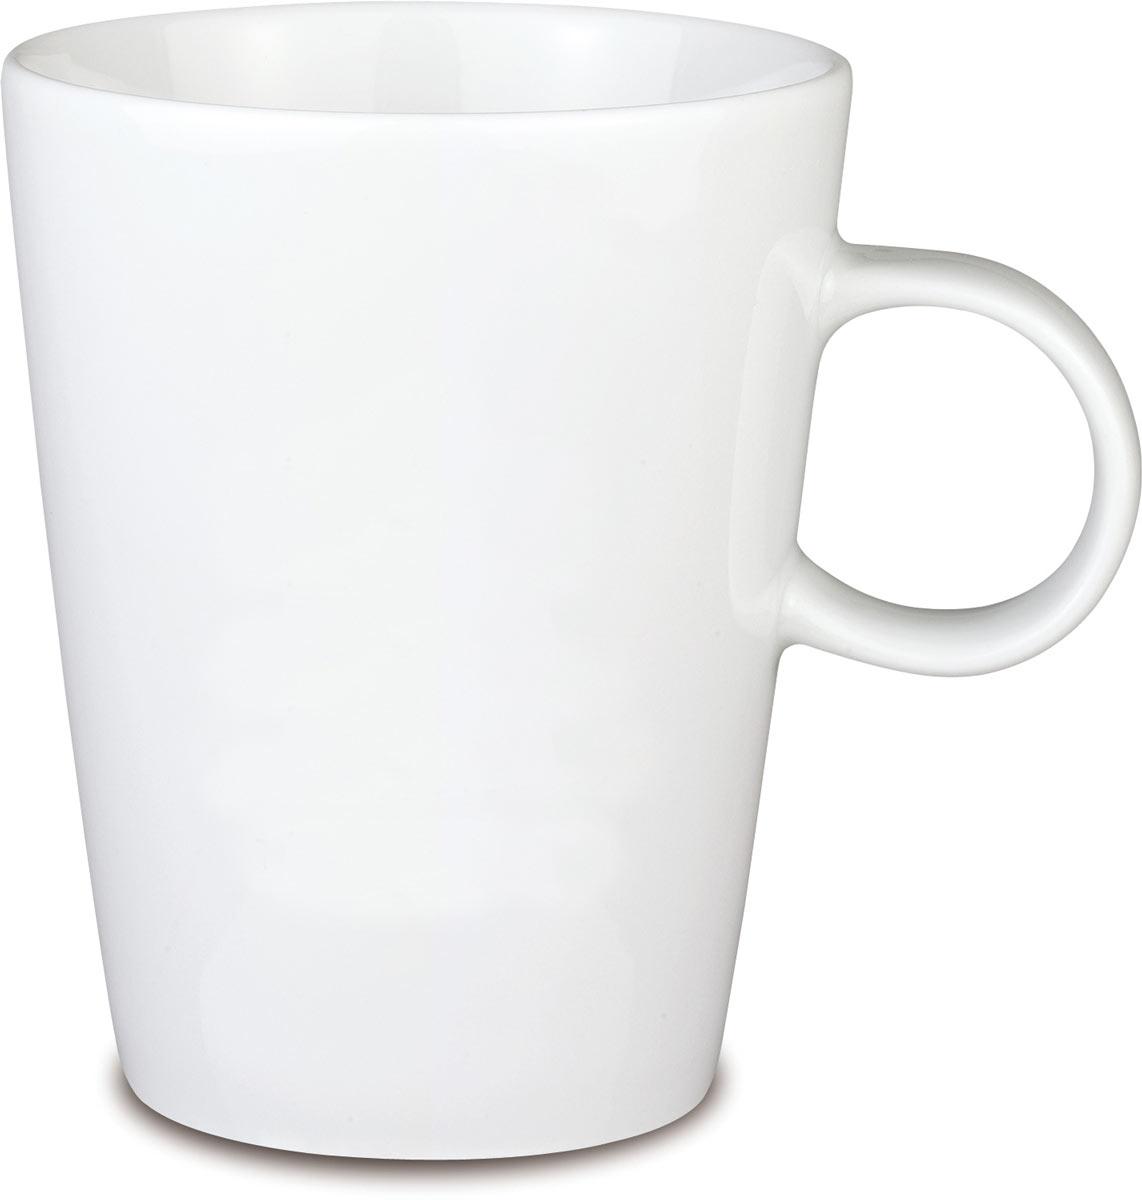 mug publicitaire mug pas cher mugs publicitaires objets publicitaires objet publicitaire. Black Bedroom Furniture Sets. Home Design Ideas